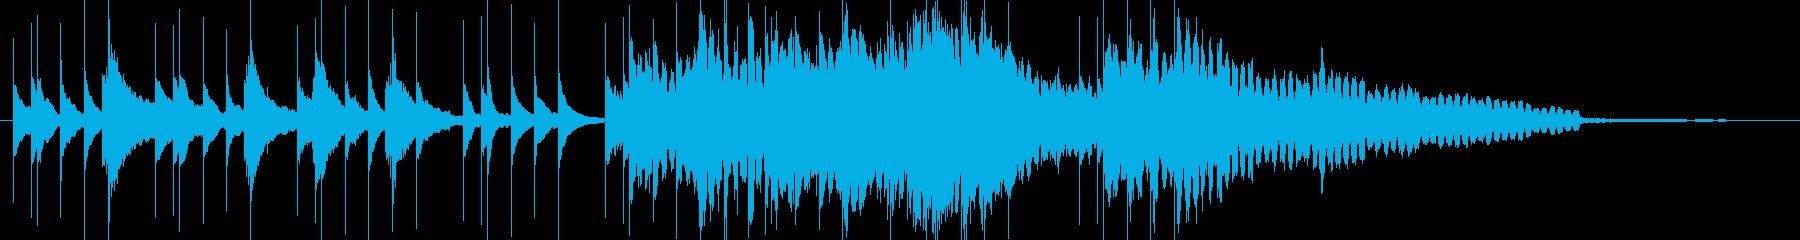 シンプルだけどちょっと感動的なエンディンの再生済みの波形